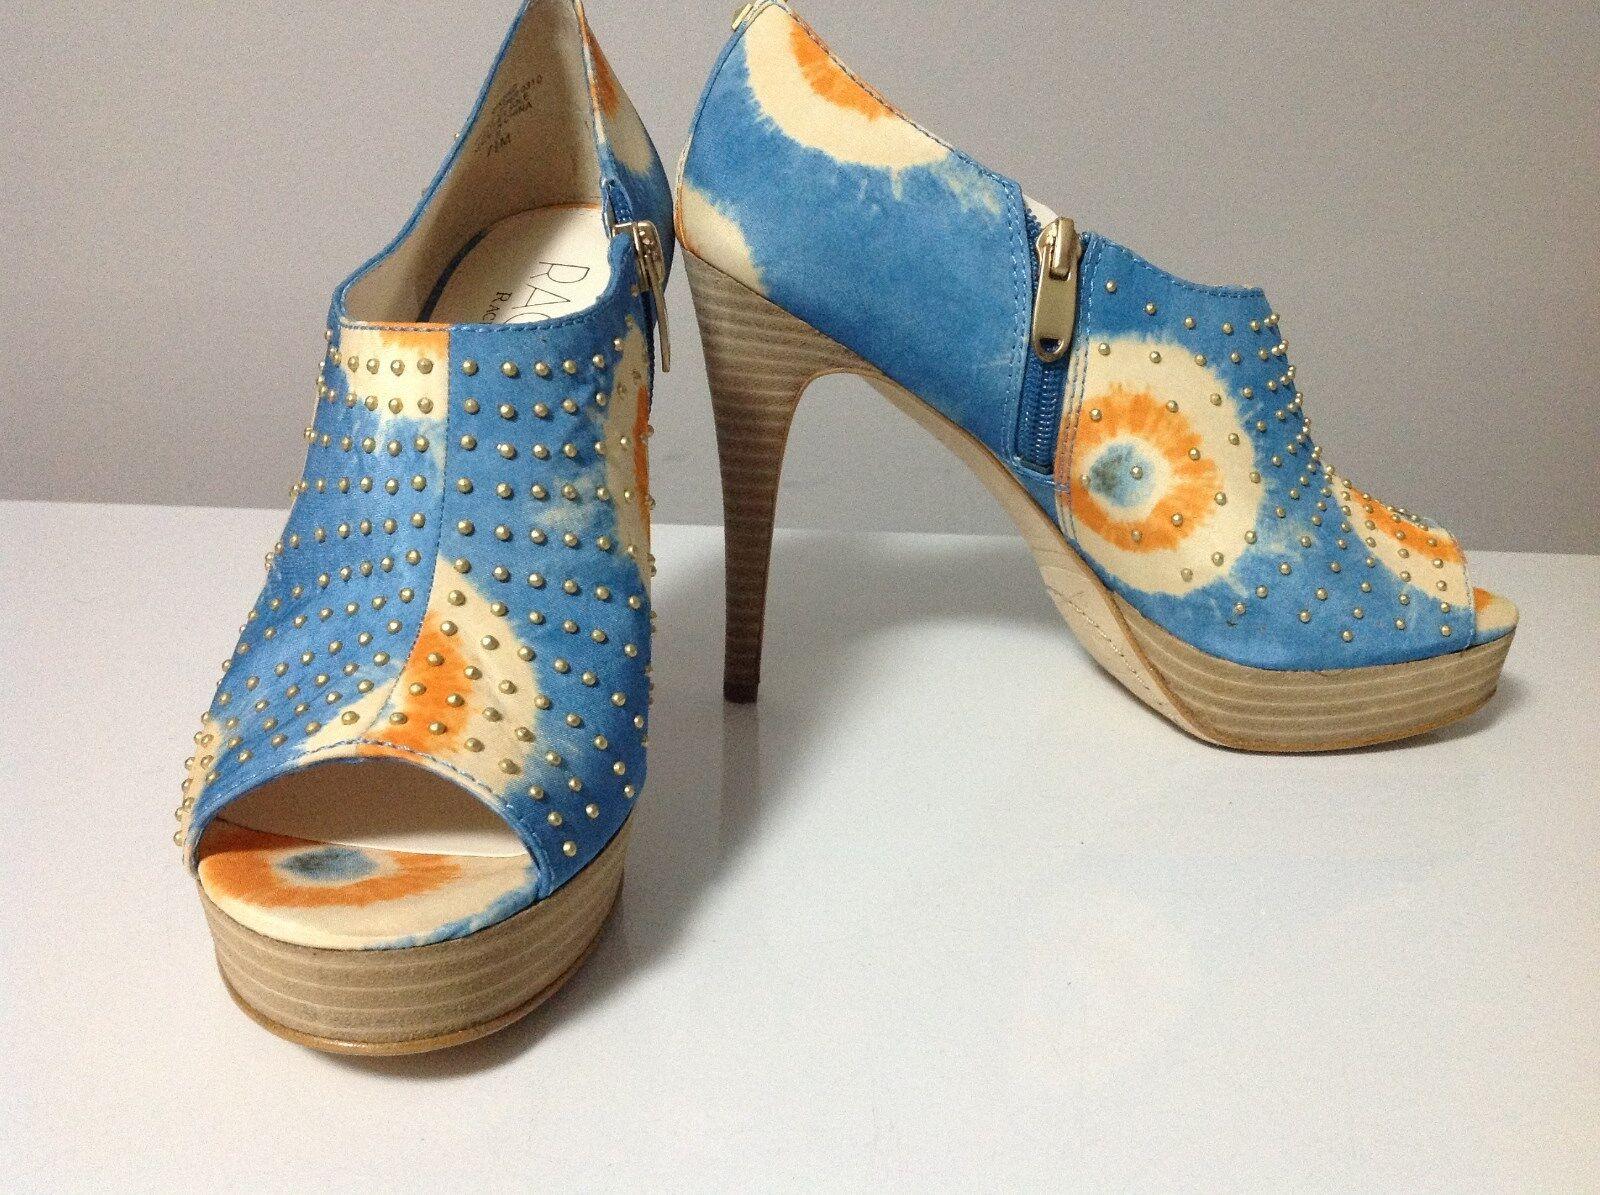 prodotti creativi Rachel Roy Keiko Open Open Open Toe Ankle avvio blu Multi Colore Dimensione 7.5  online al miglior prezzo